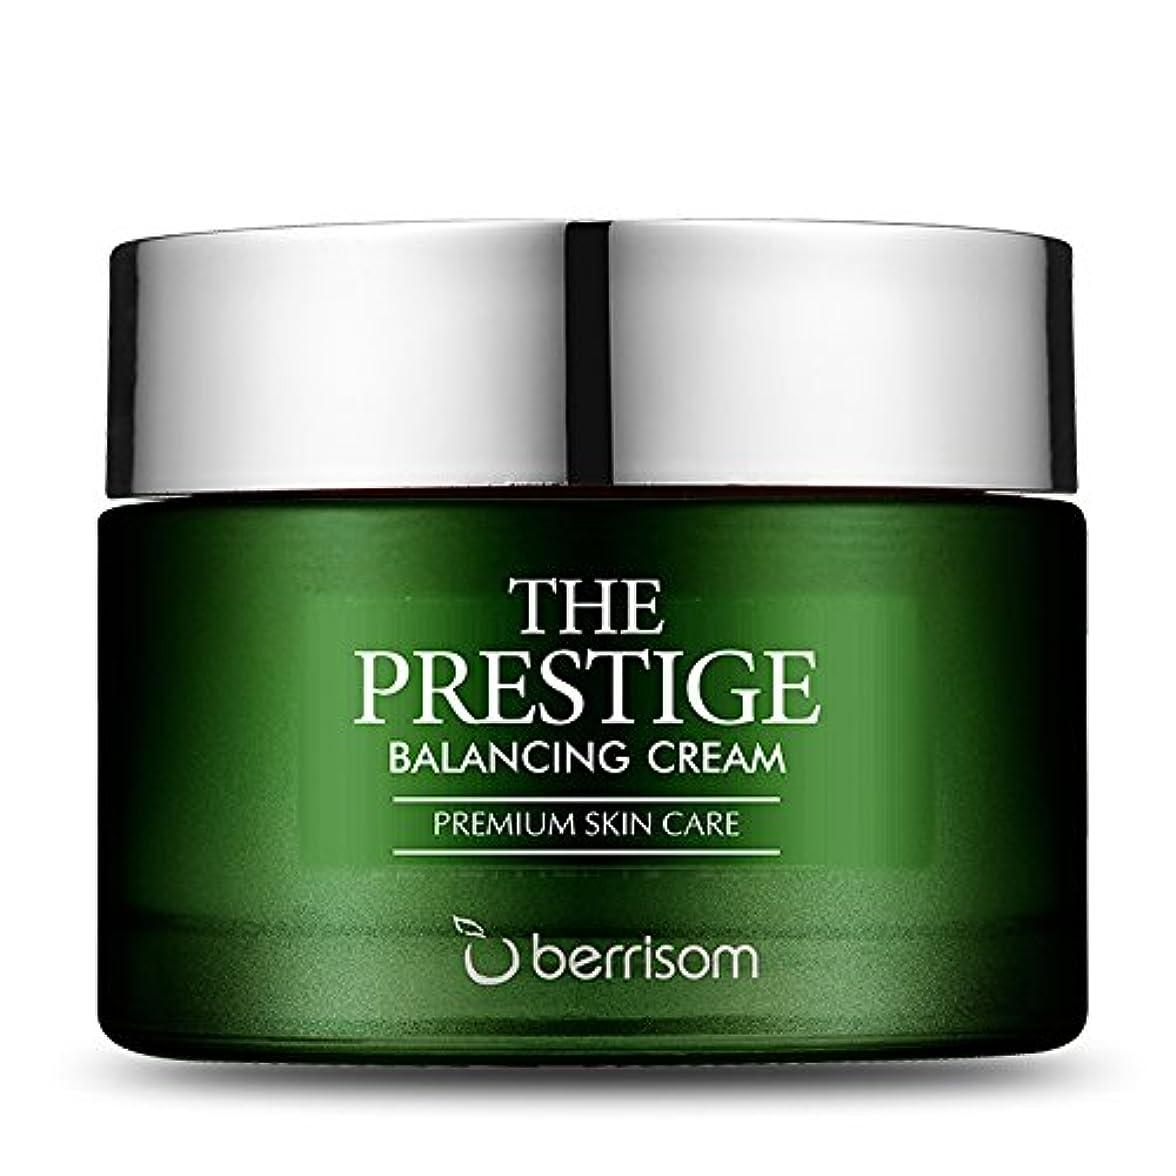 意図全国ノートベリサム(berrisom) ザ プレステージ バランシング クリーム THE PRESTIGE Balancing Cream 50g [並行輸入品]